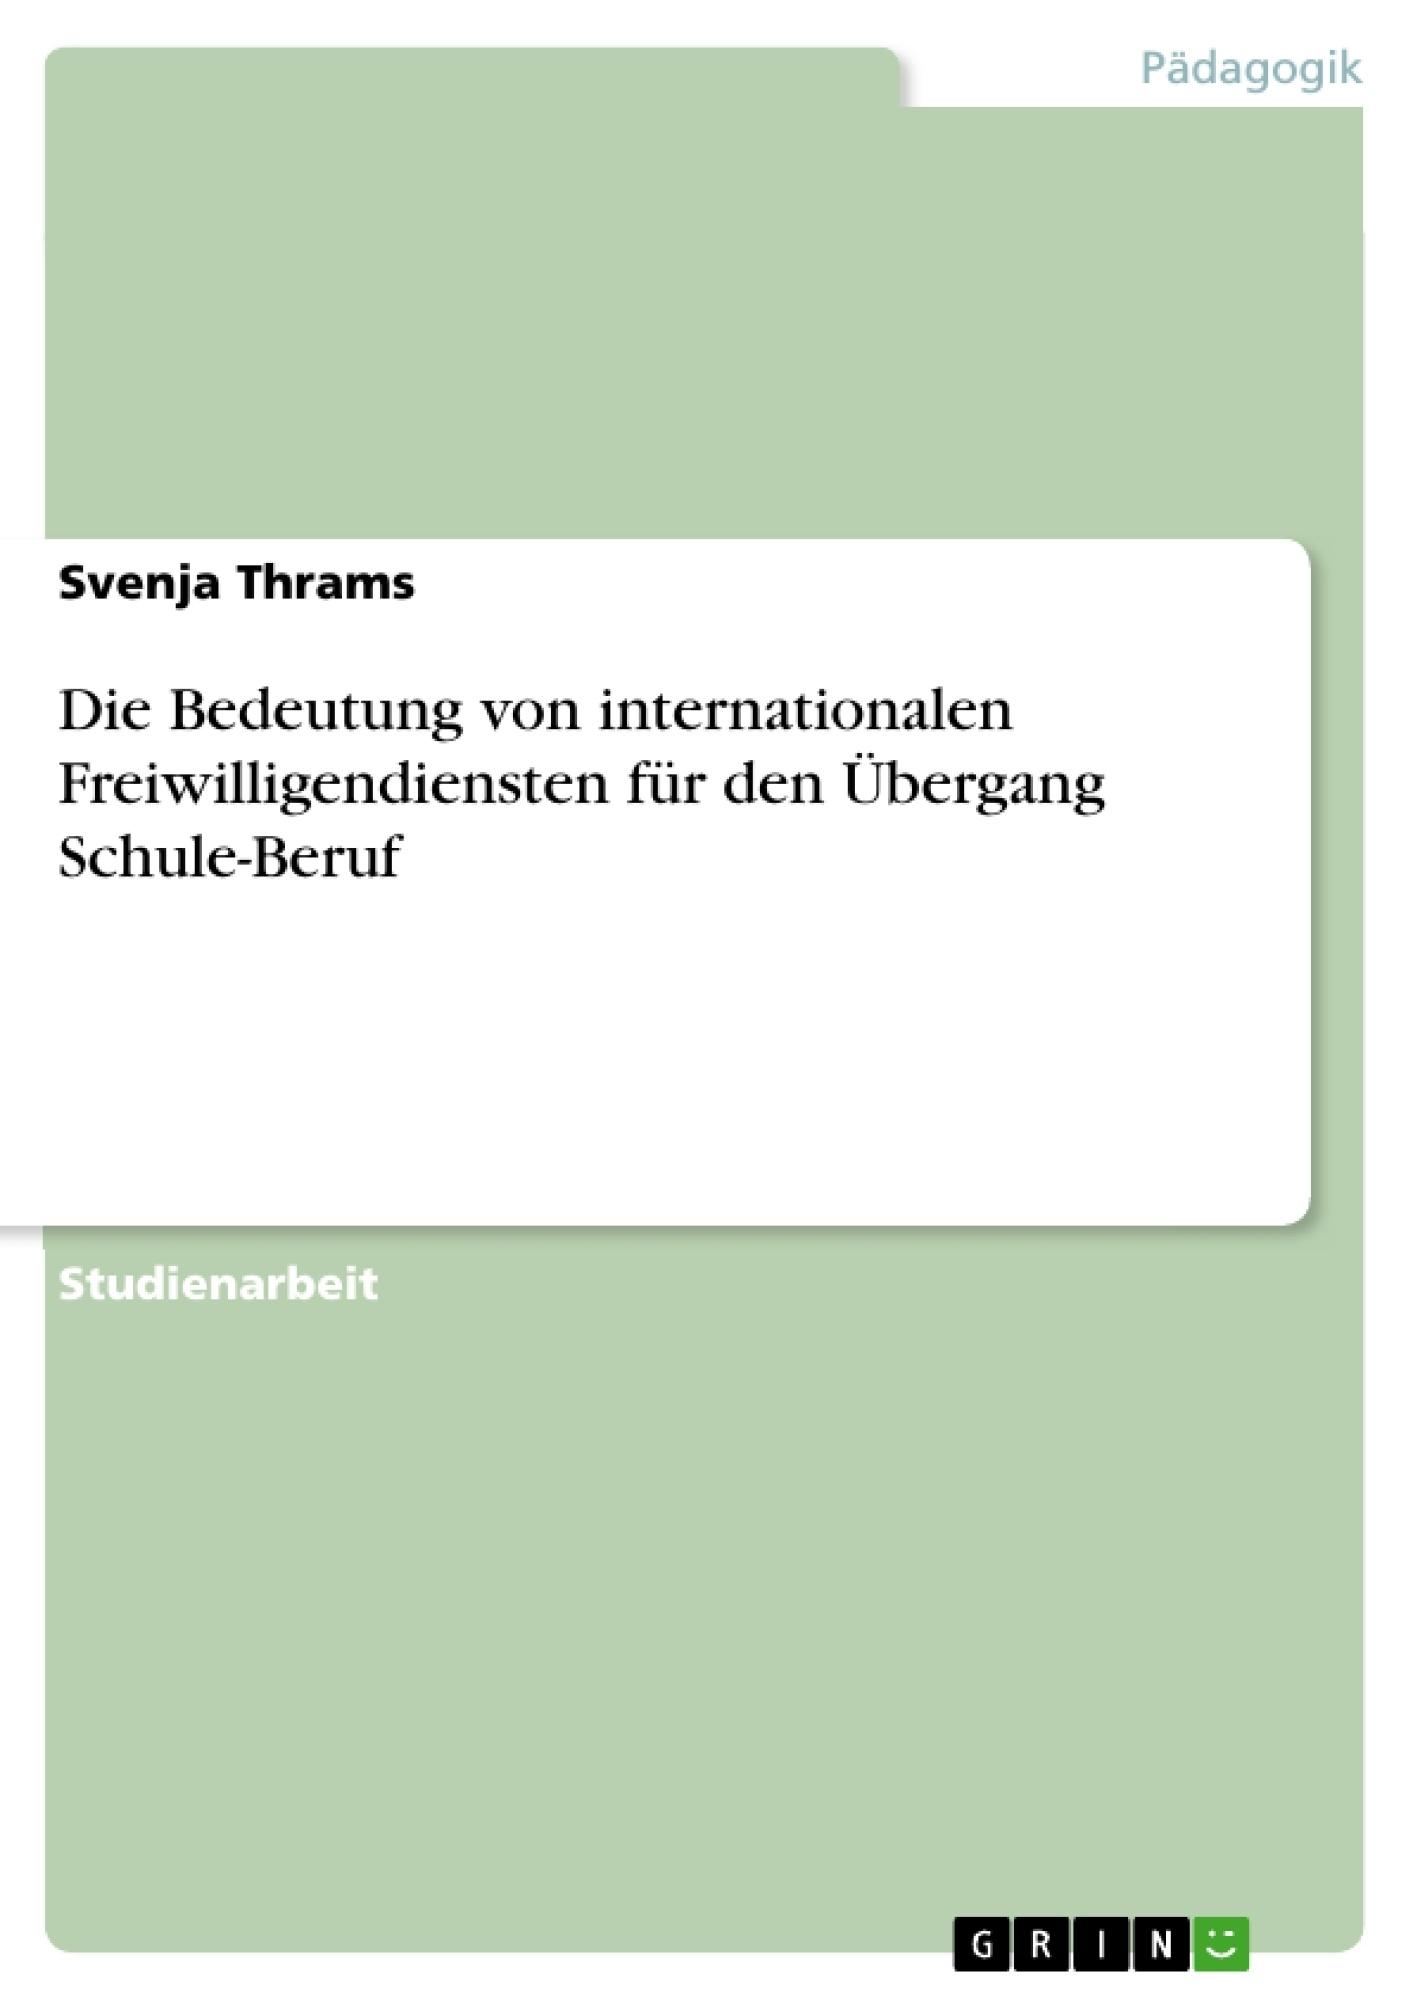 Titel: Die Bedeutung von internationalen Freiwilligendiensten für den Übergang Schule-Beruf